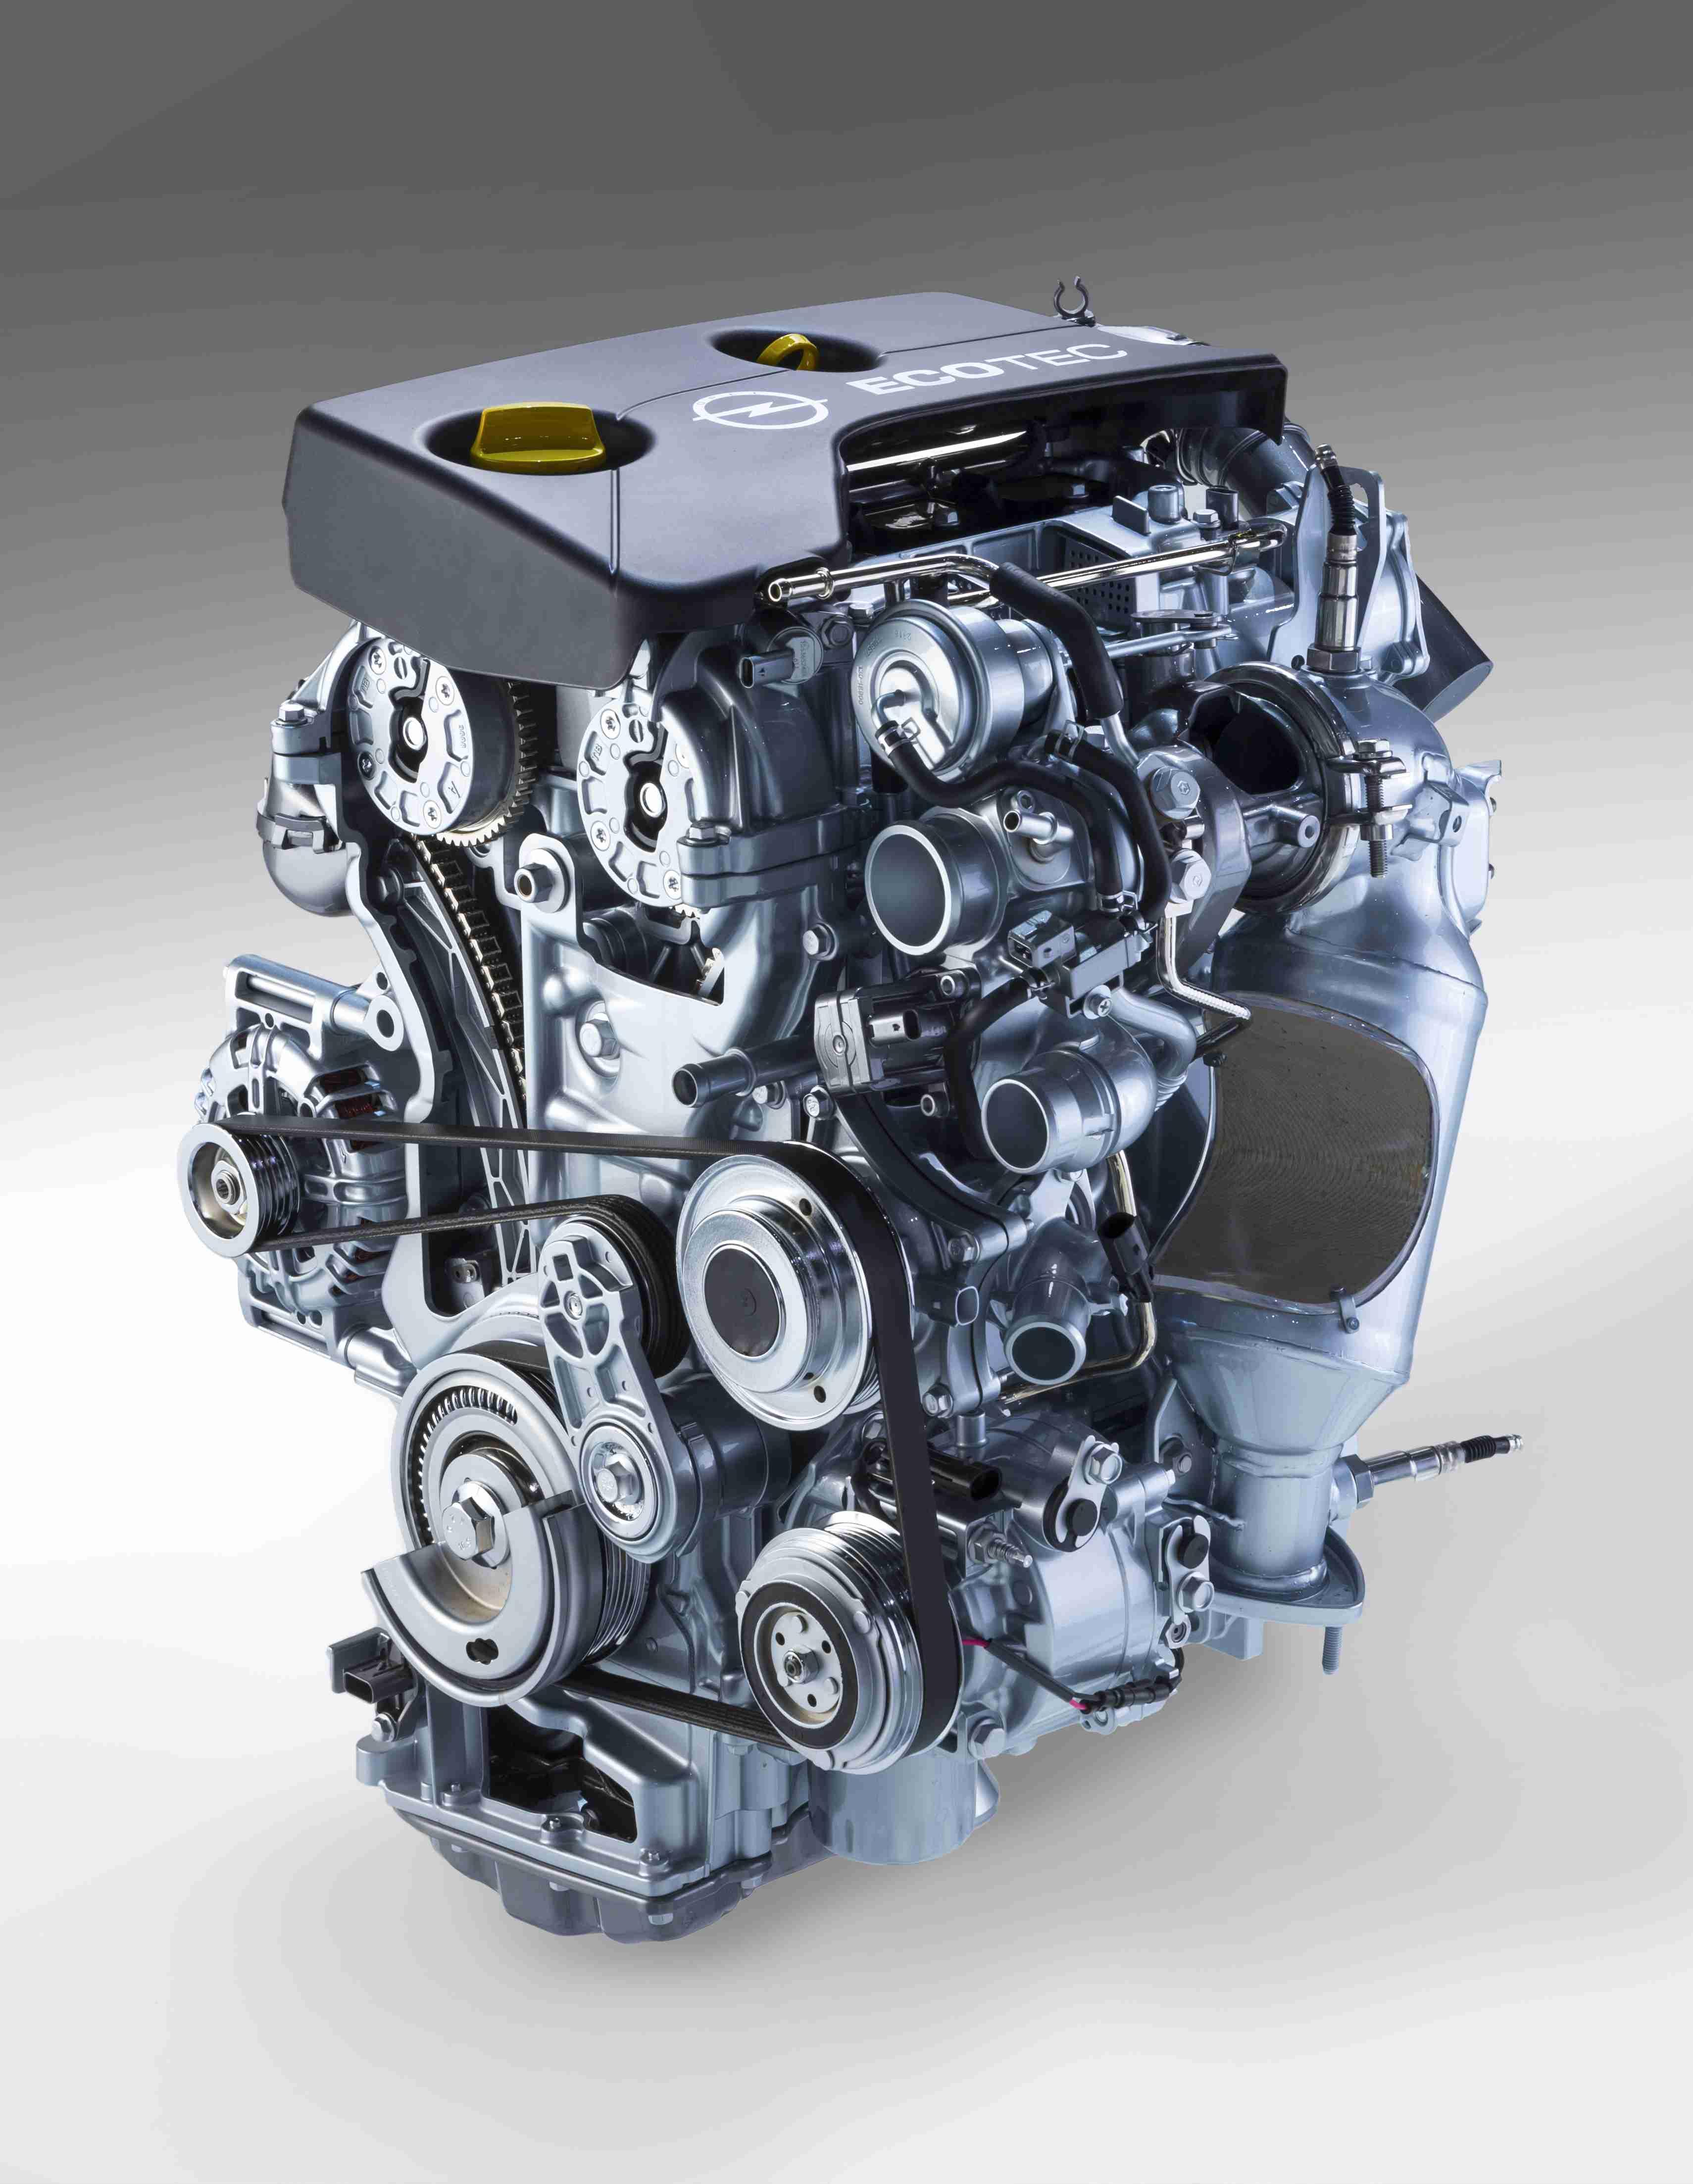 Opel-ECOTEC-1.0-DI-Turbo-288022